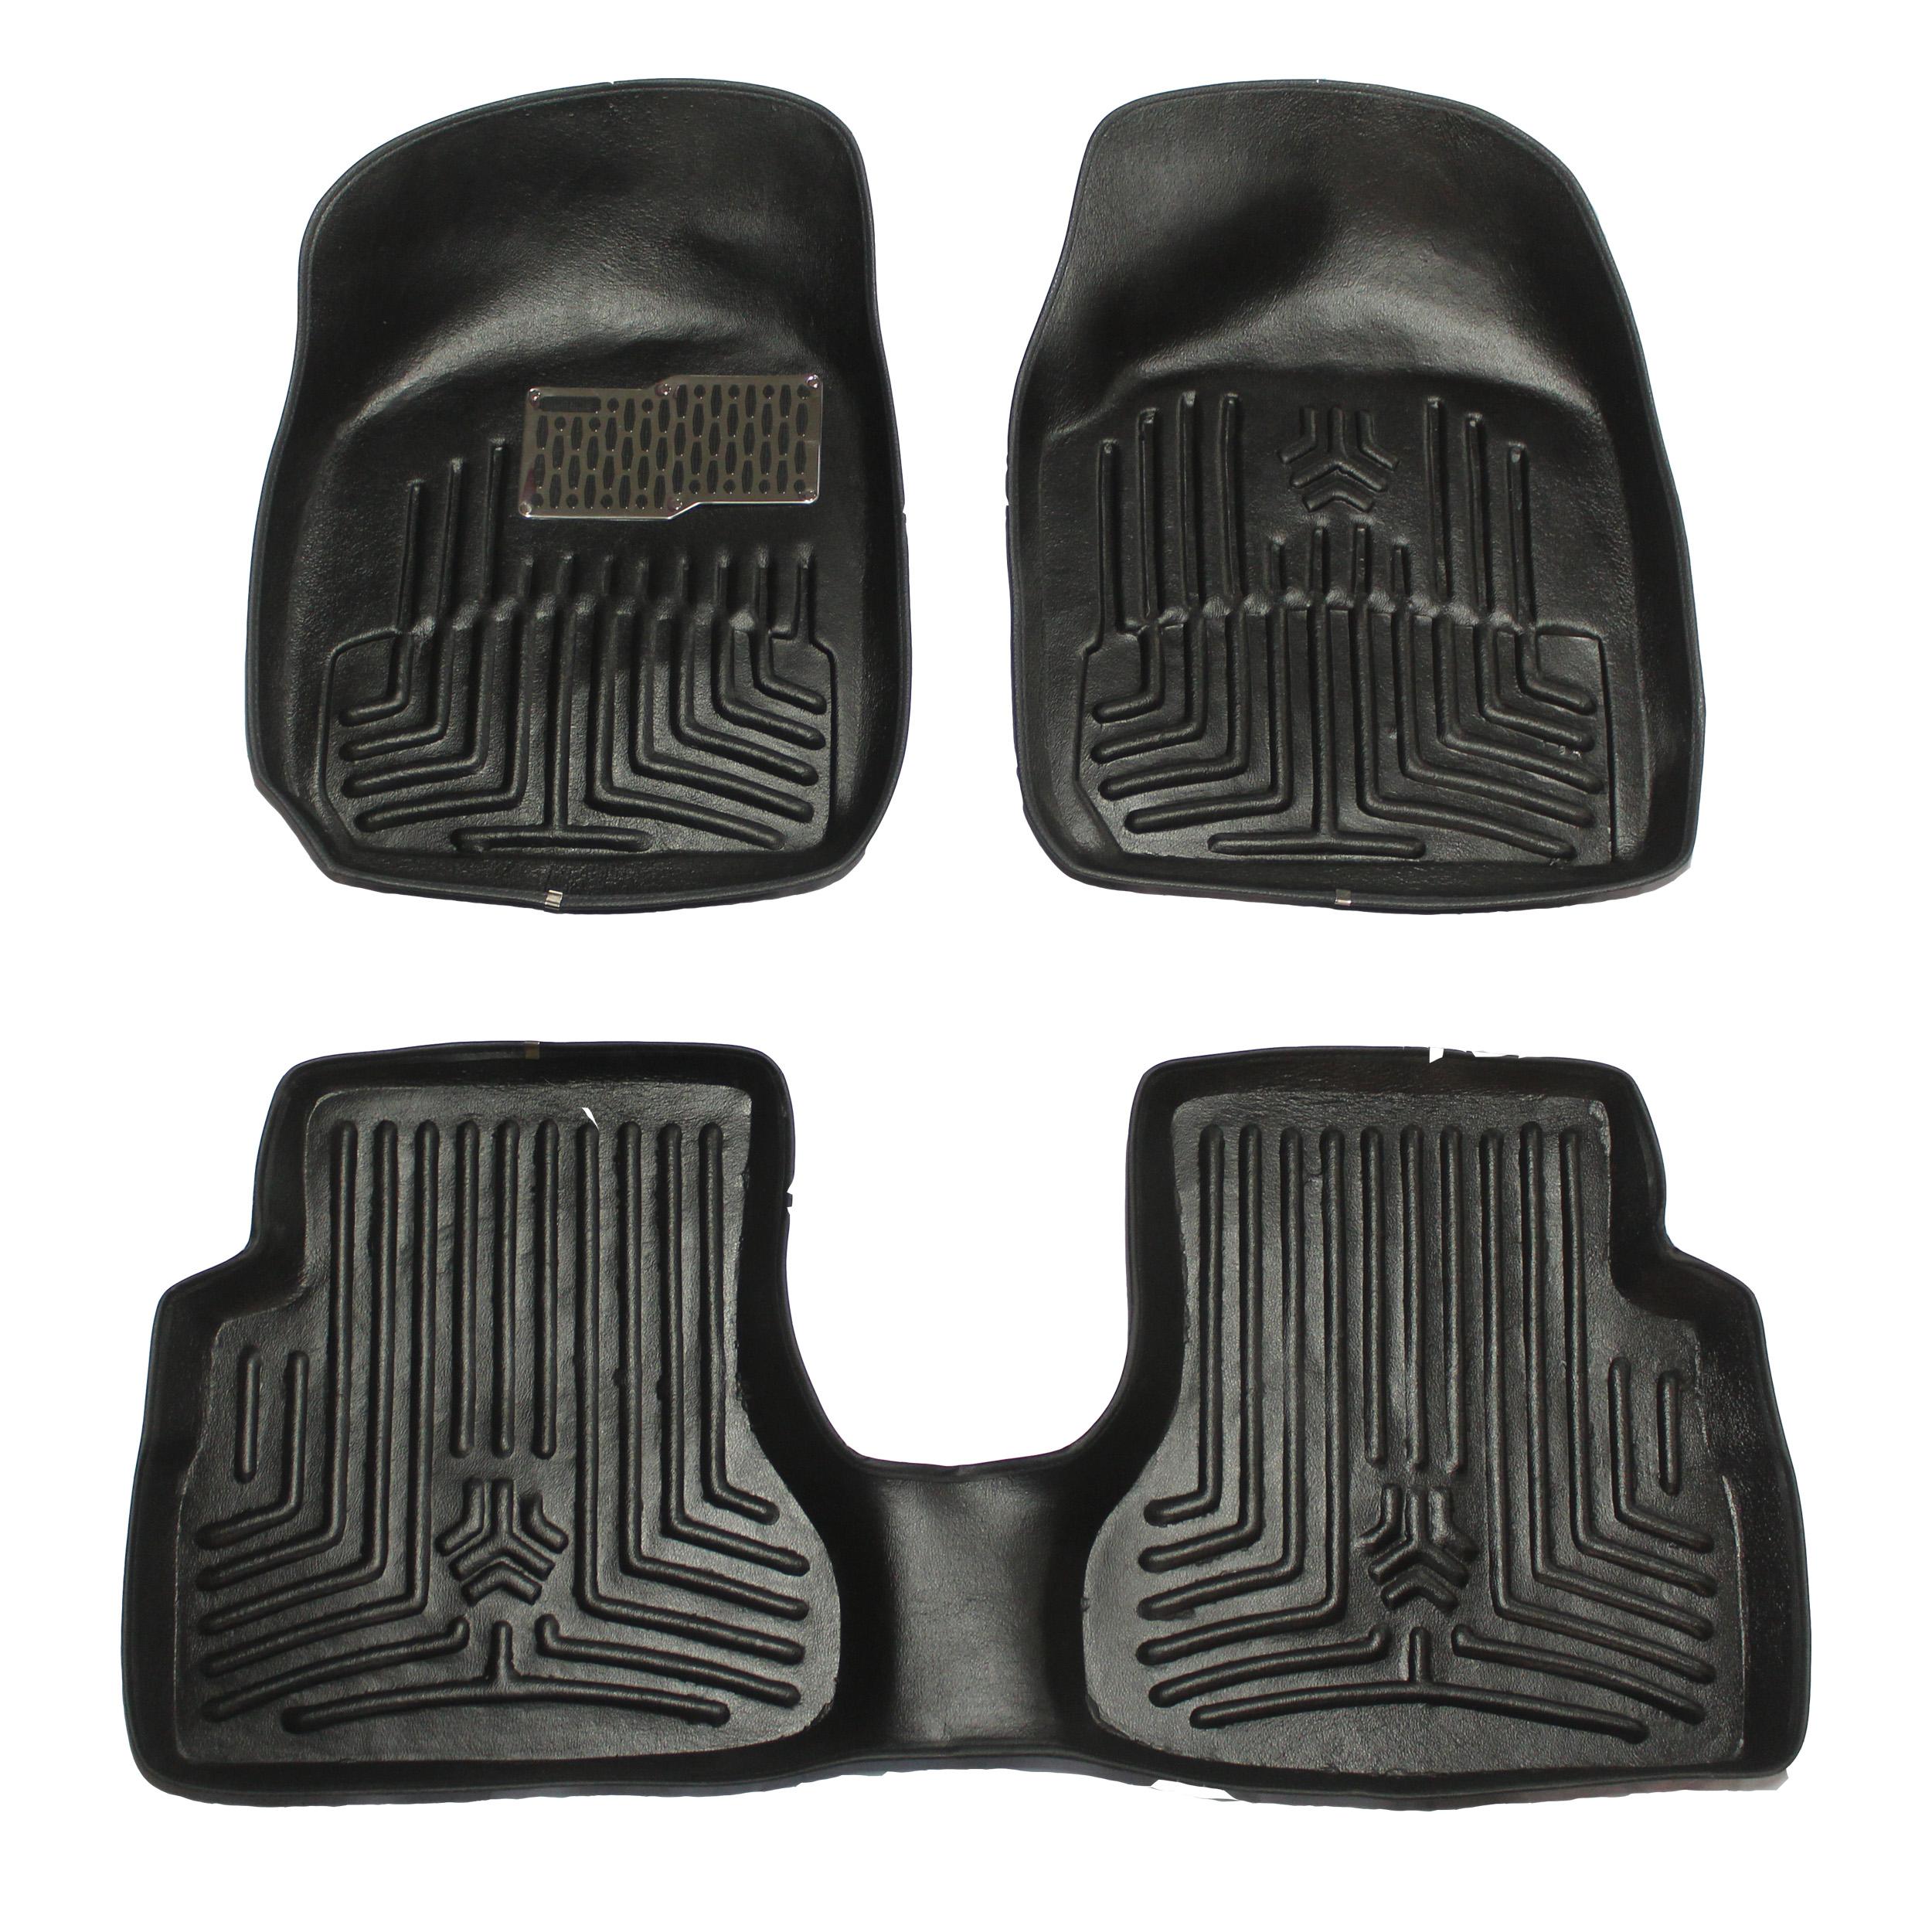 کفپوش  سه بعدی خودرو مدل 08 مناسب برای پراید